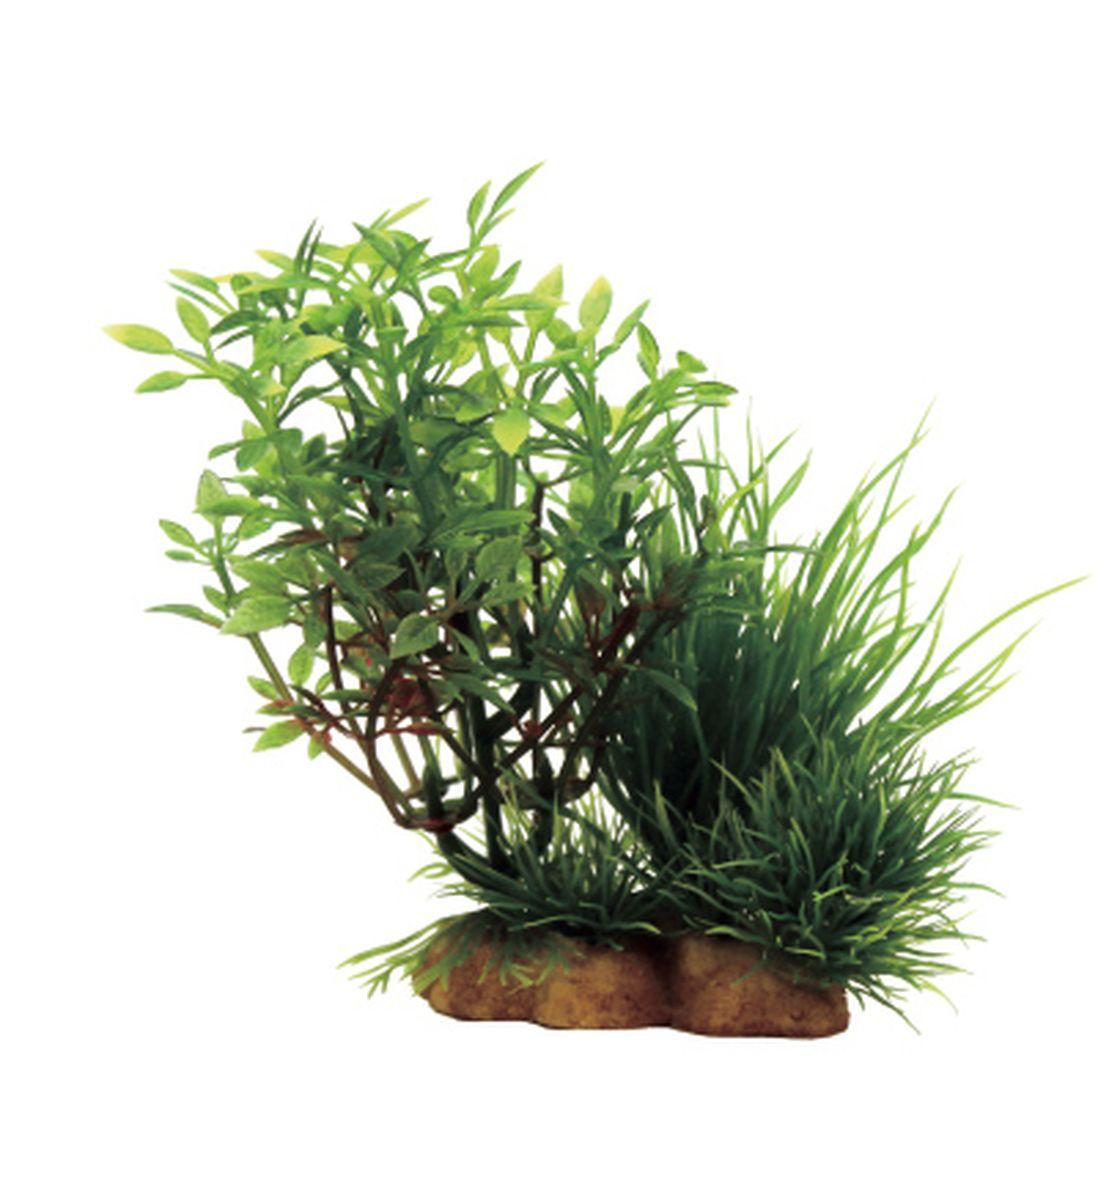 Композиция из растений для аквариума ArtUniq Микрантемум, 12 x 5 x 12 см0120710Композиция из искусственных растений ArtUniq превосходно украсит и оживит аквариум.Растения - это важная часть любой композиции, они помогут вдохнуть жизнь в ландшафт любого аквариума или террариума. Композиция является точной копией природного растения.